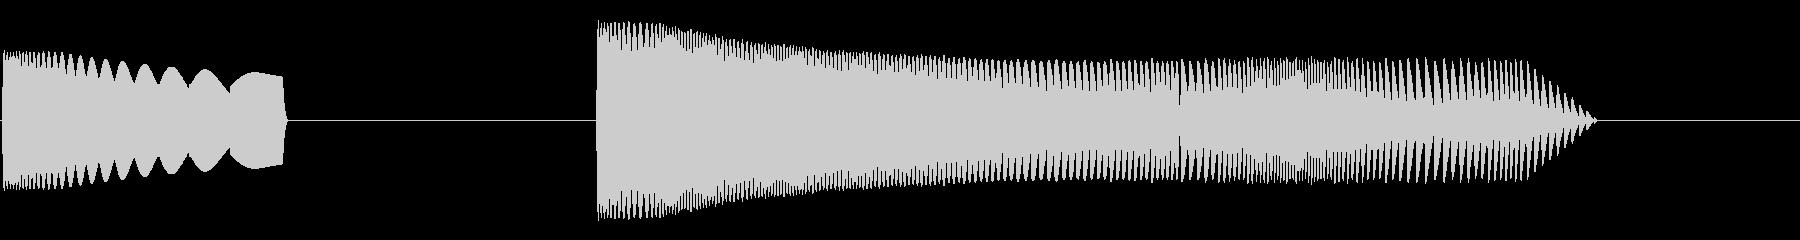 スペース停止-ムーグ-2バージョンの未再生の波形